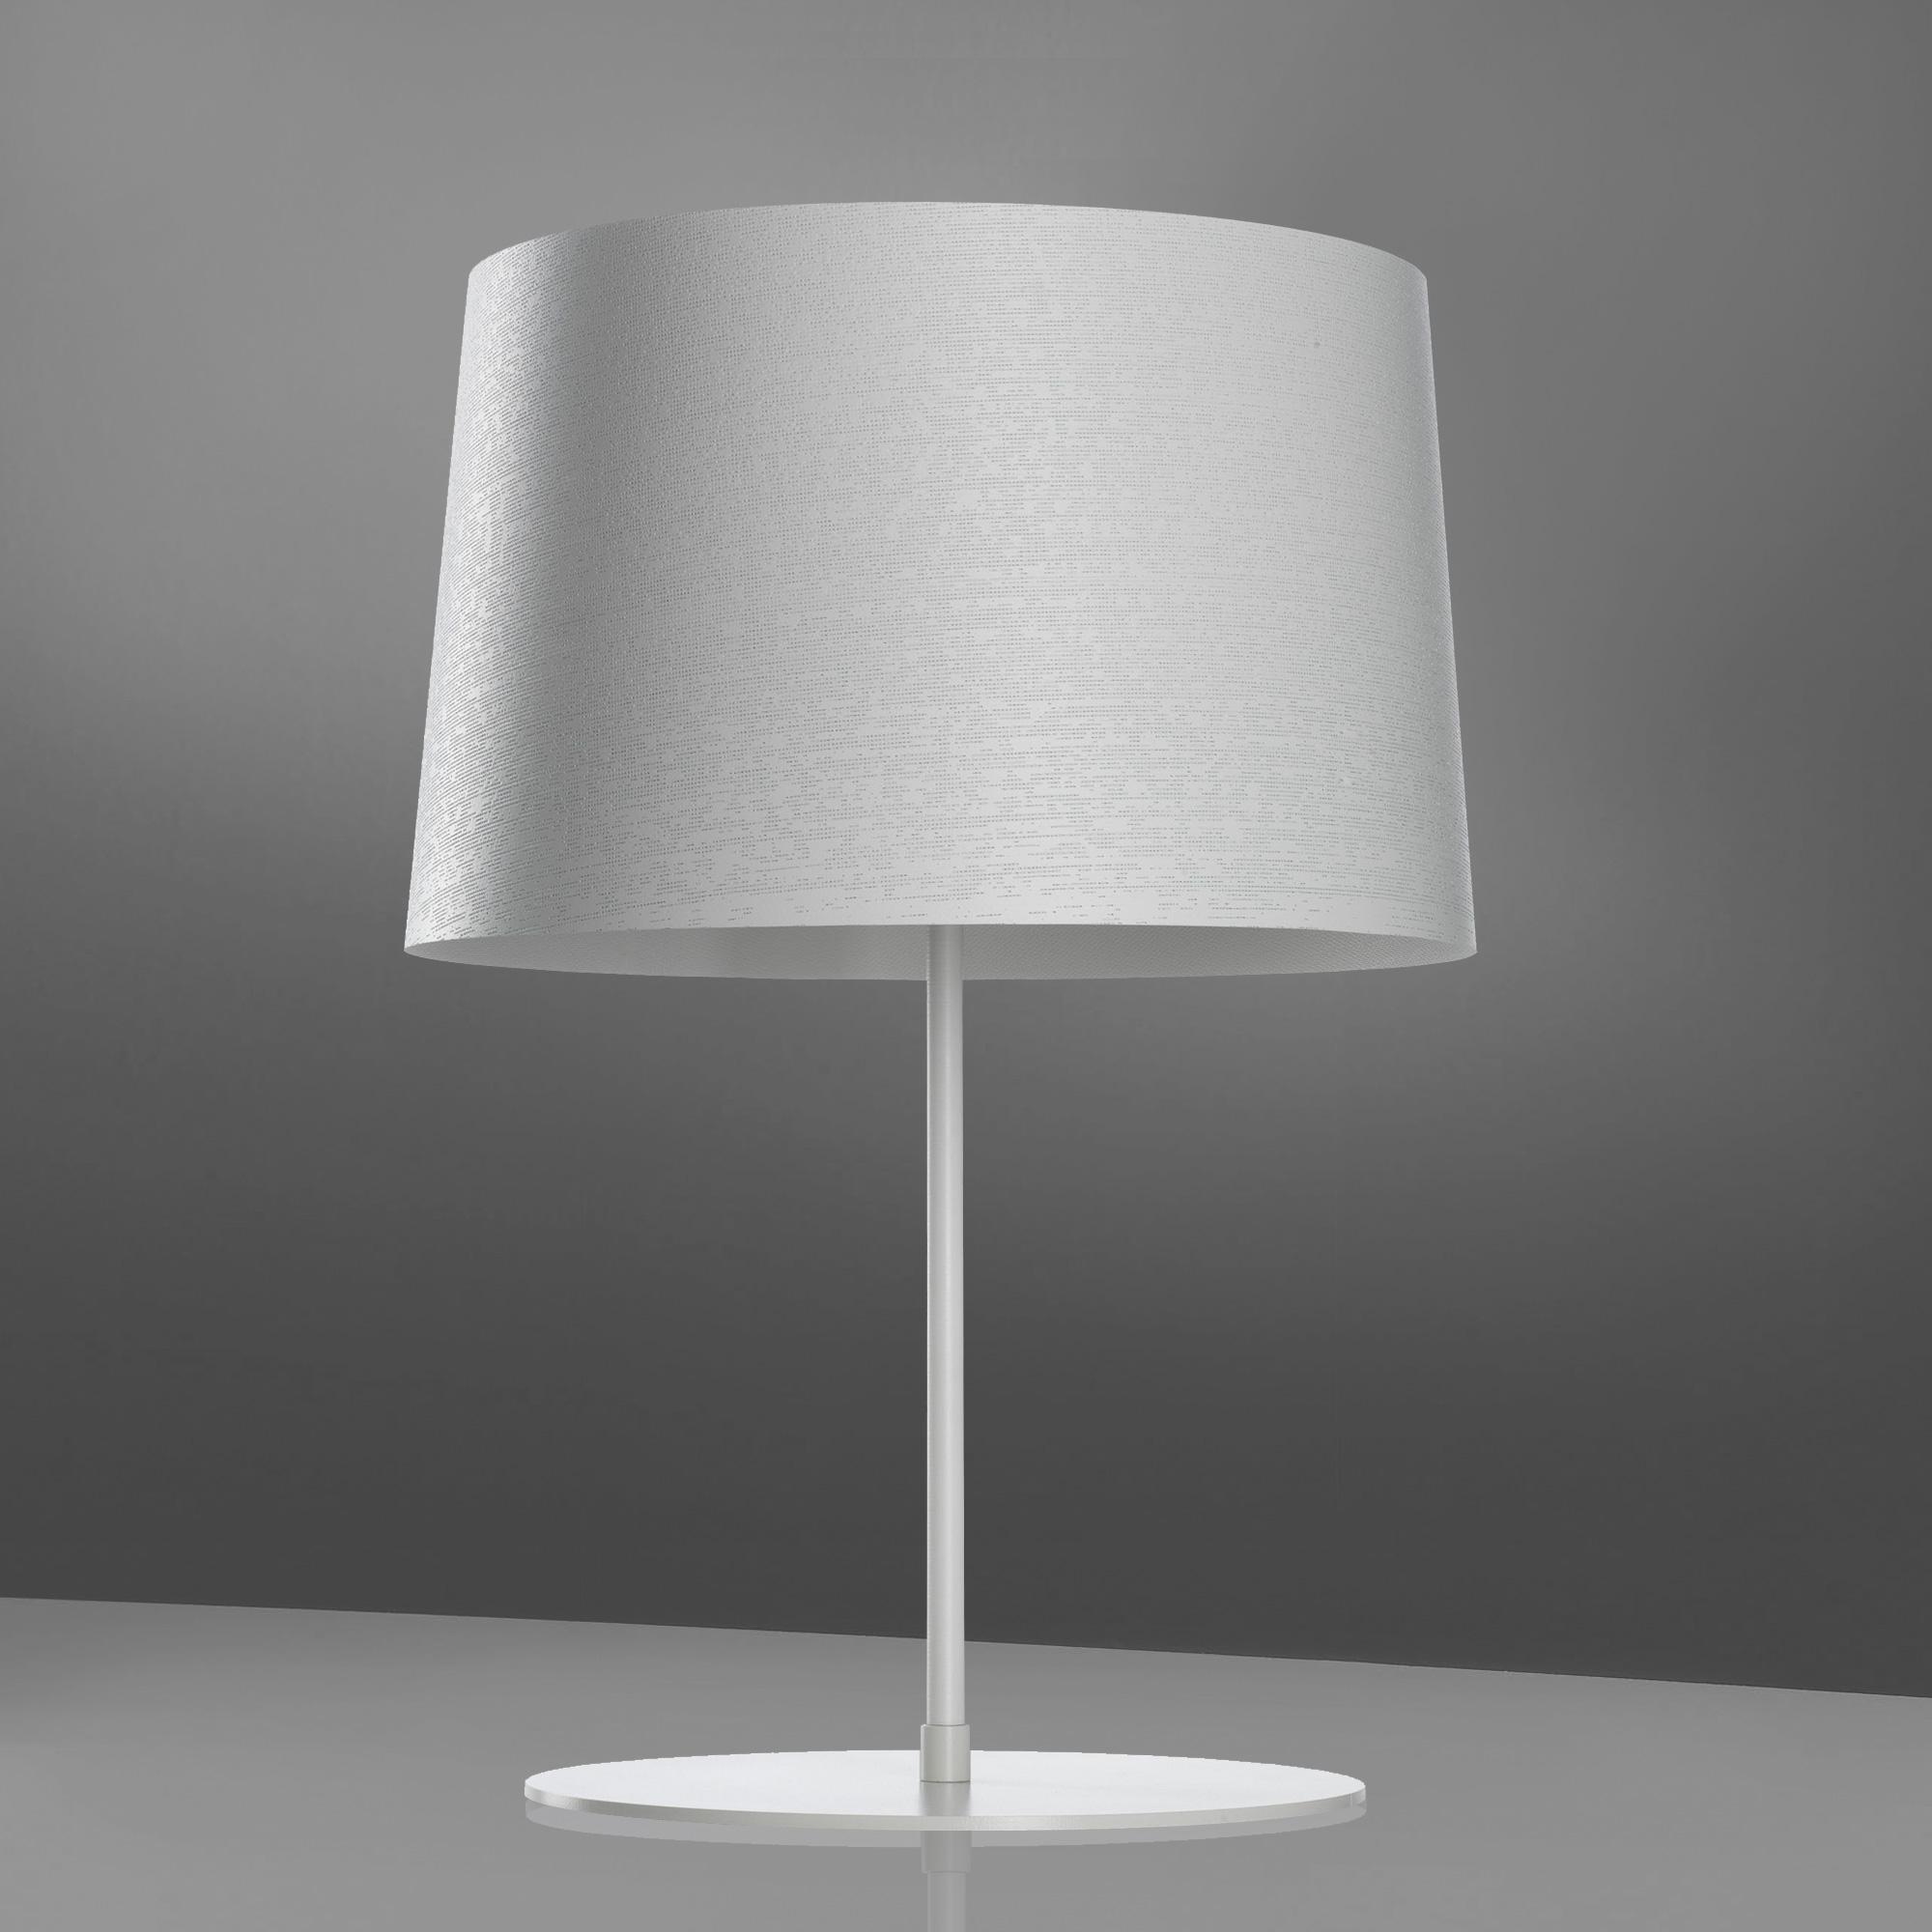 foscarini twiggy xl tavolo tischleuchte mit dimmer 159001110 reuter onlineshop. Black Bedroom Furniture Sets. Home Design Ideas